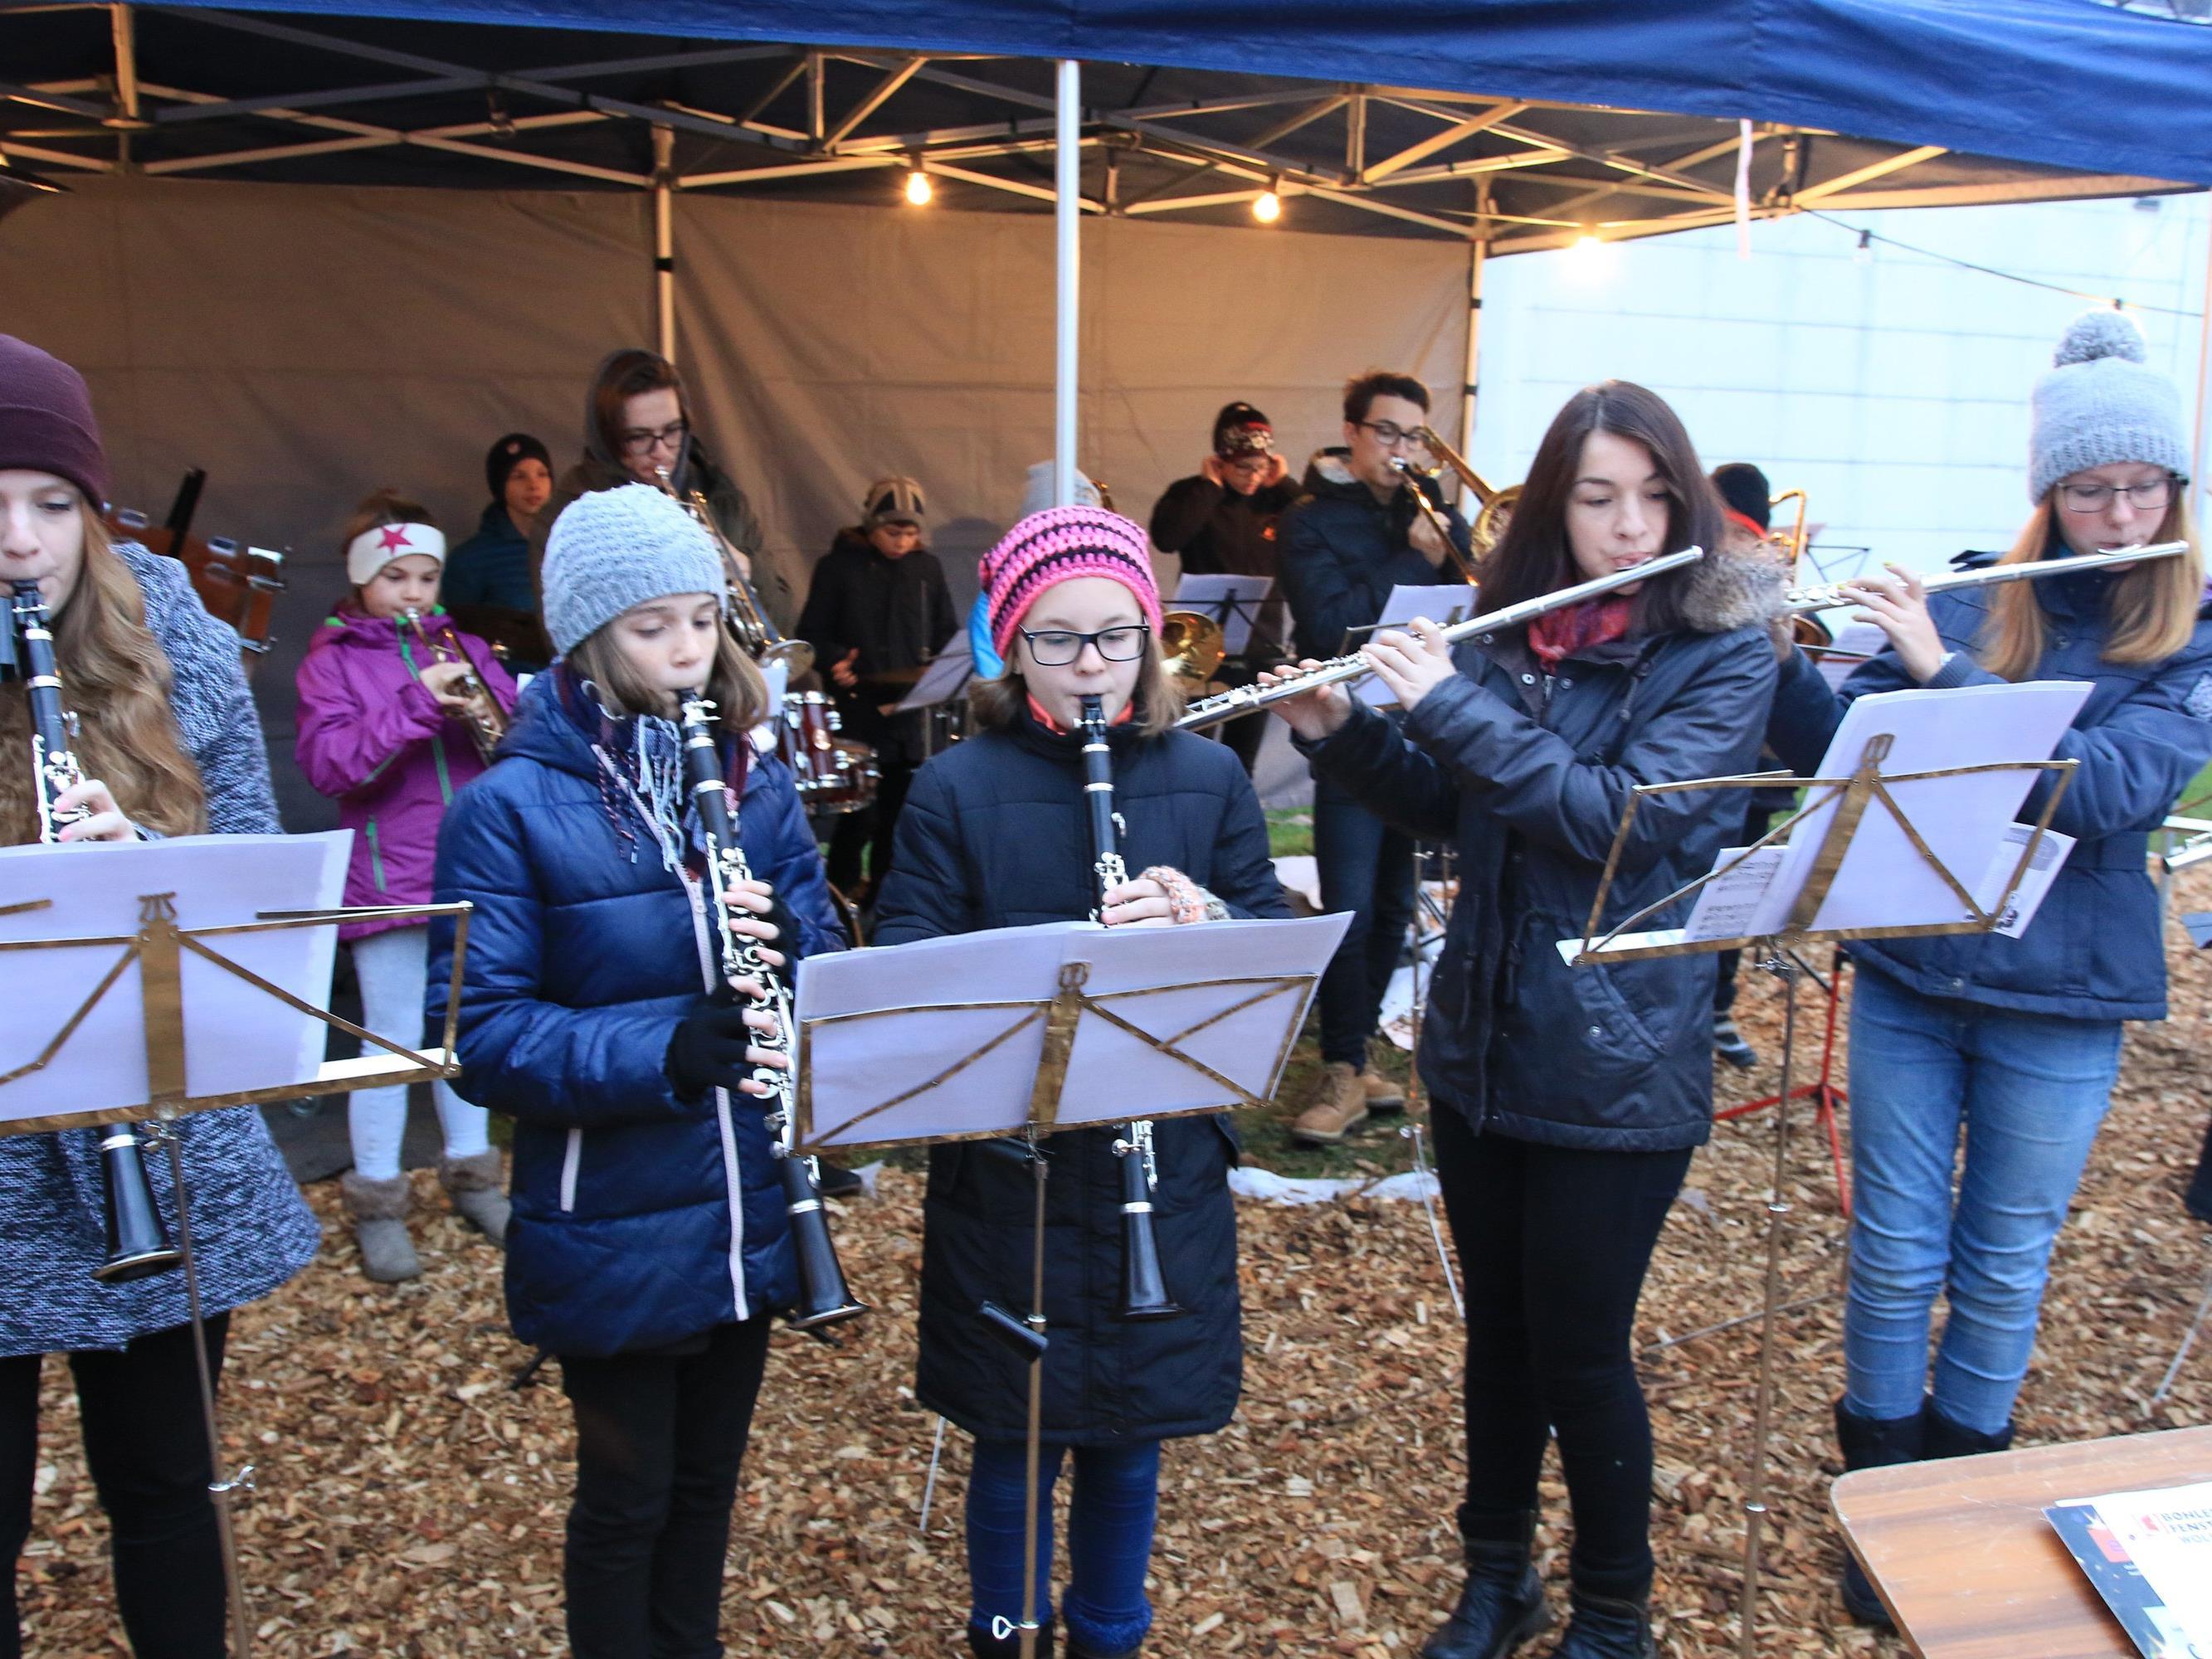 Die Jugendmusik des MV Concordia mit stimmungsvollen weihnachtlichen Klängen